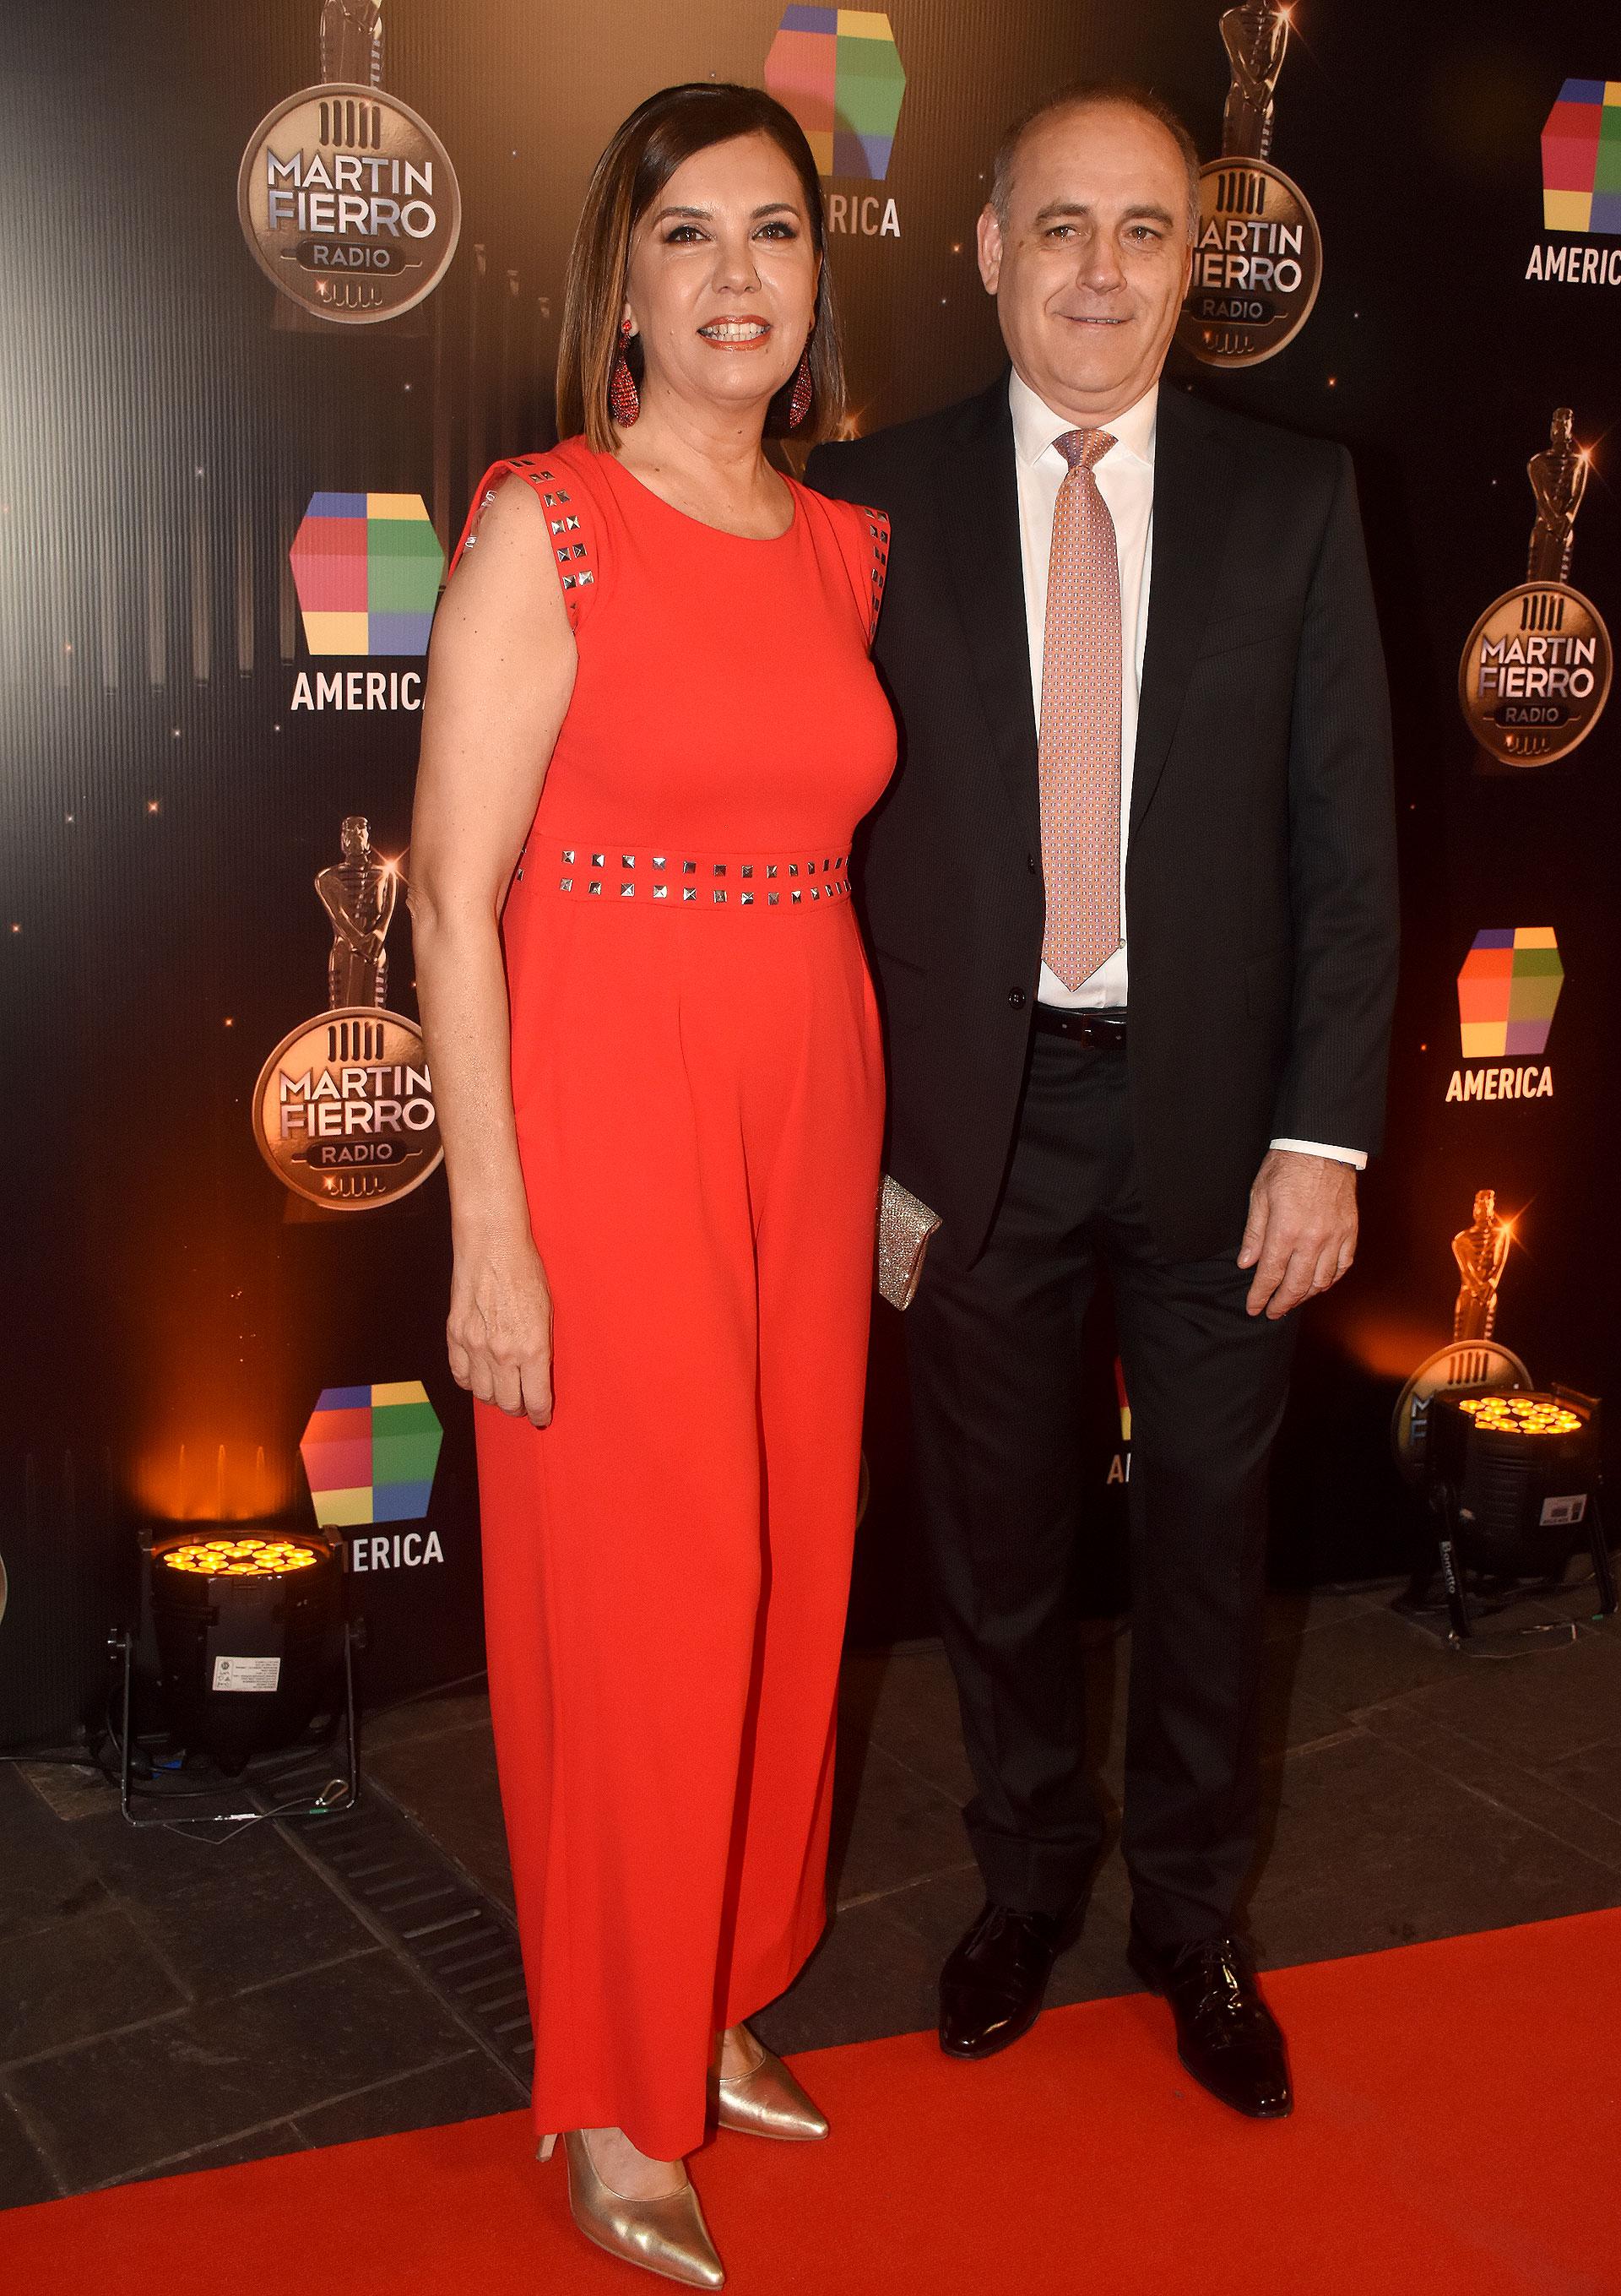 Liliana Parodi, gerenta de programación de América, y su marido, Ulises Novoa